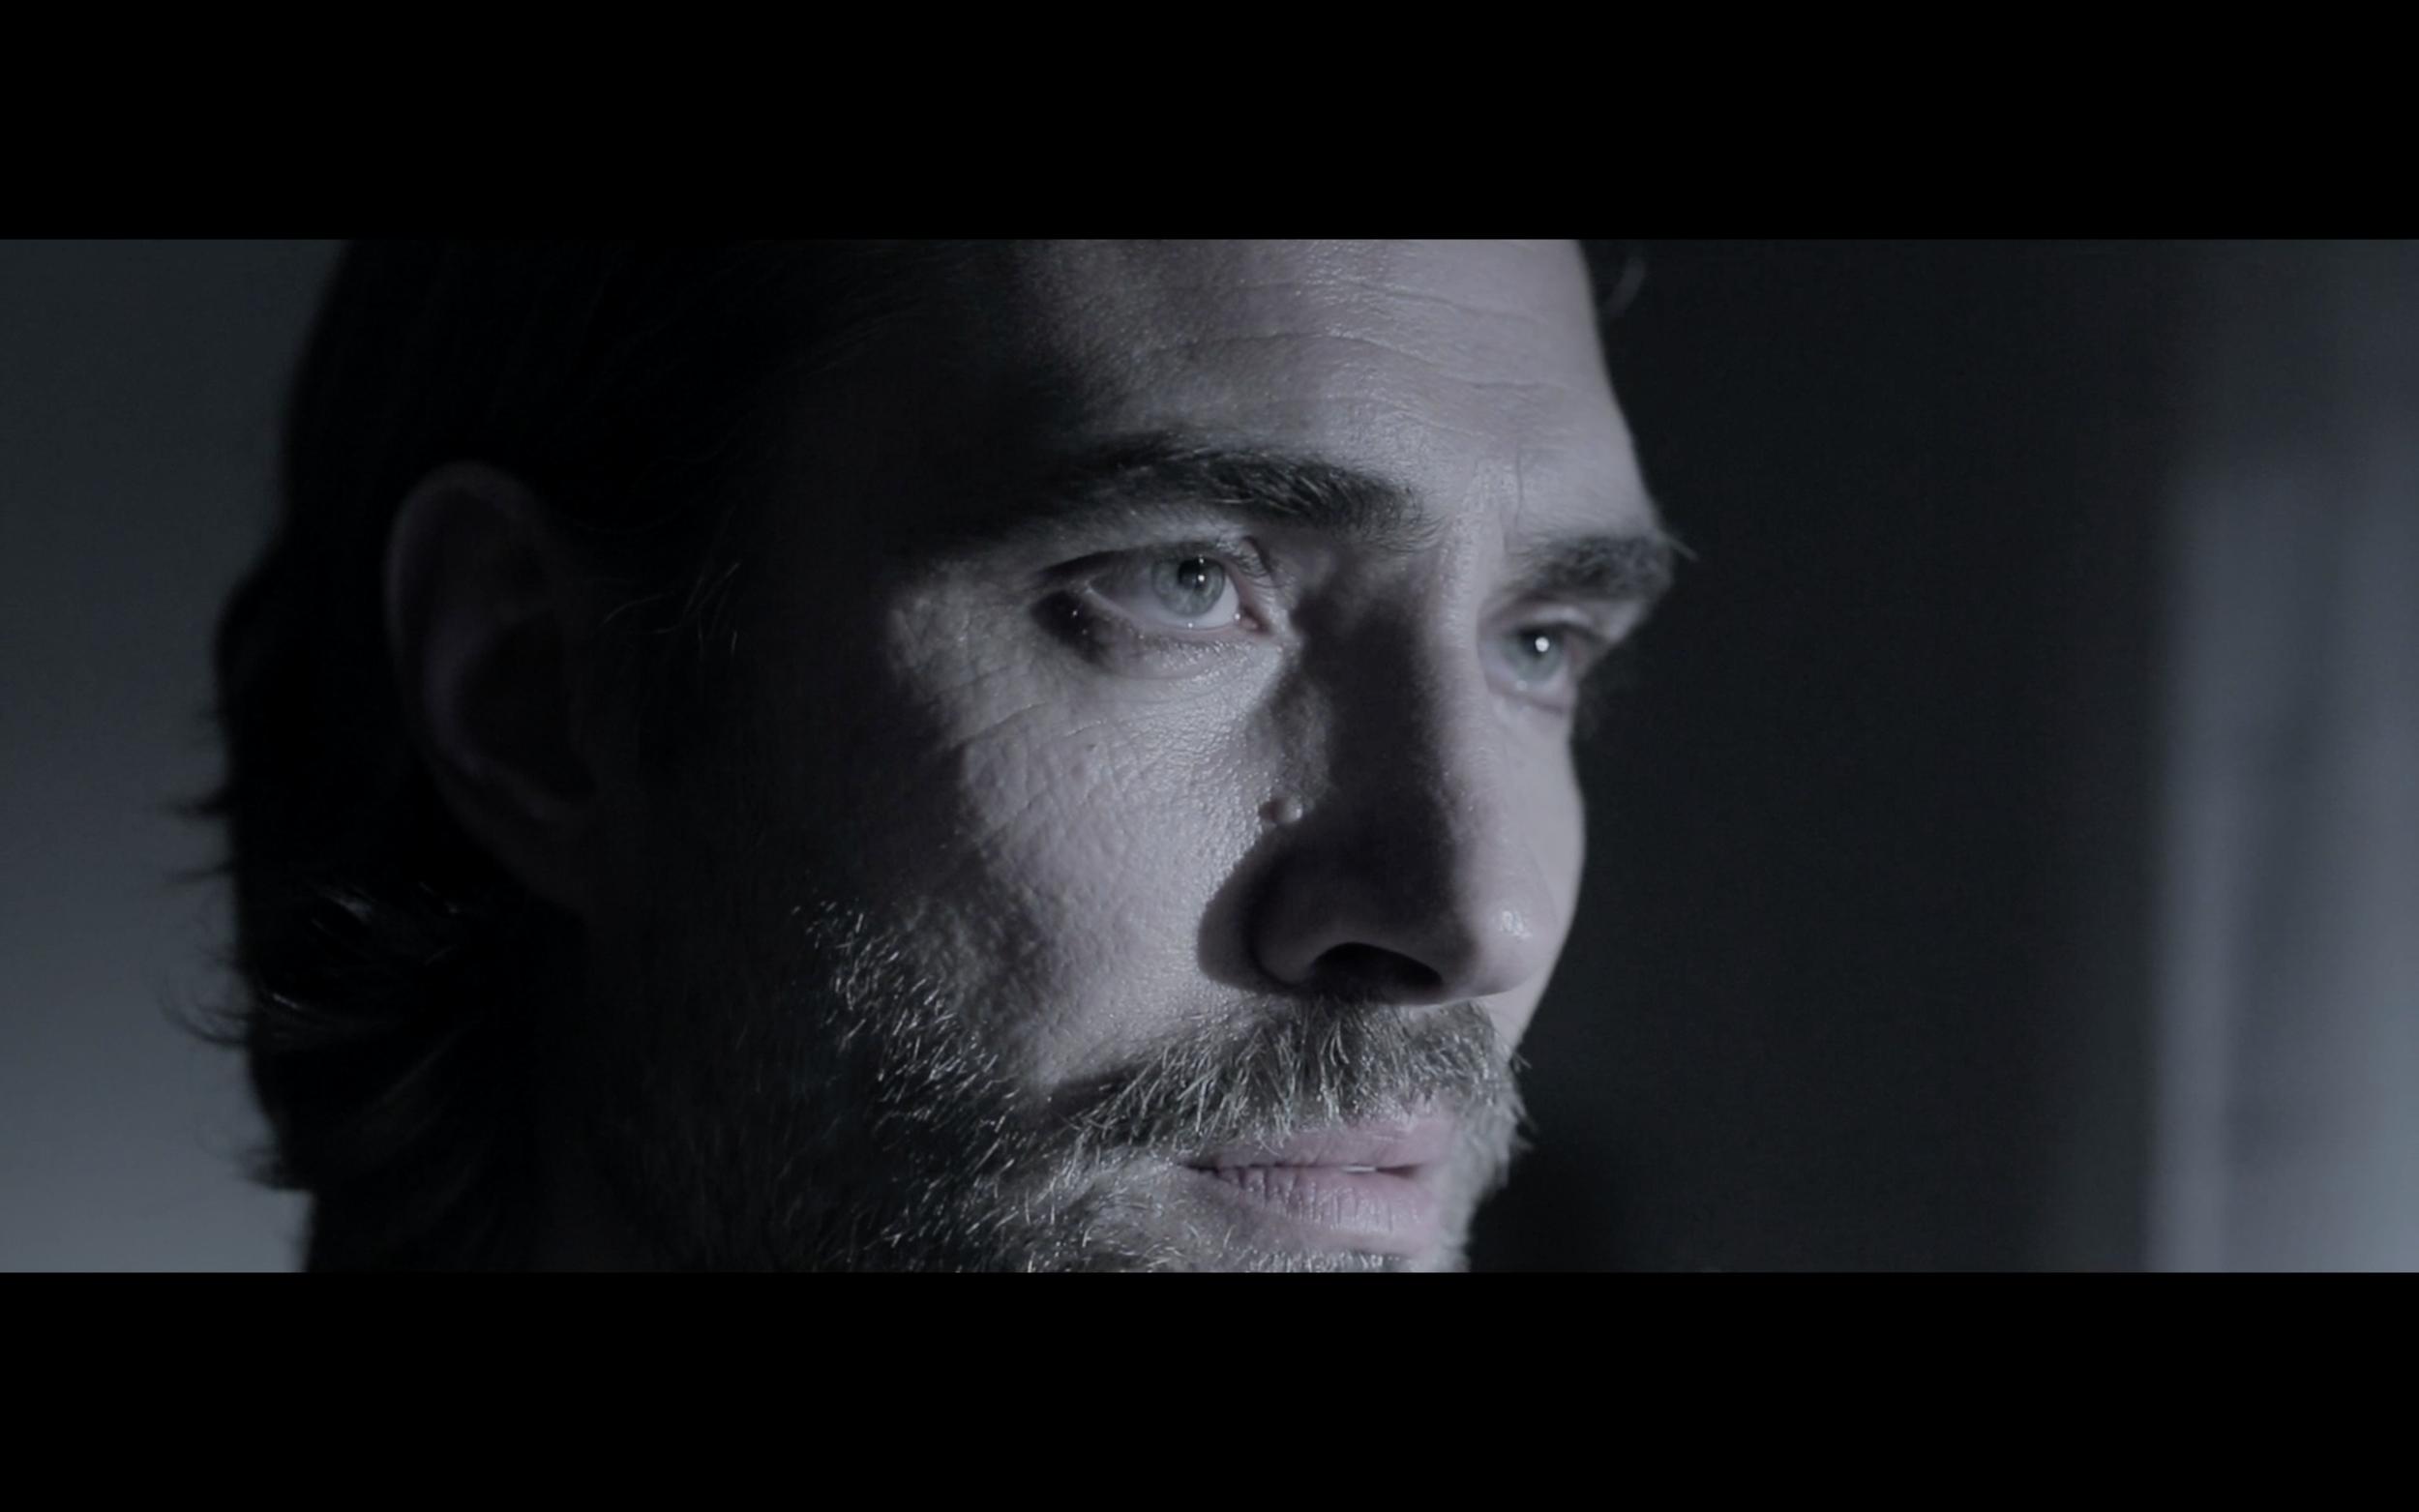 Screen Shot 2014-10-29 at 9.33.38 PM.png